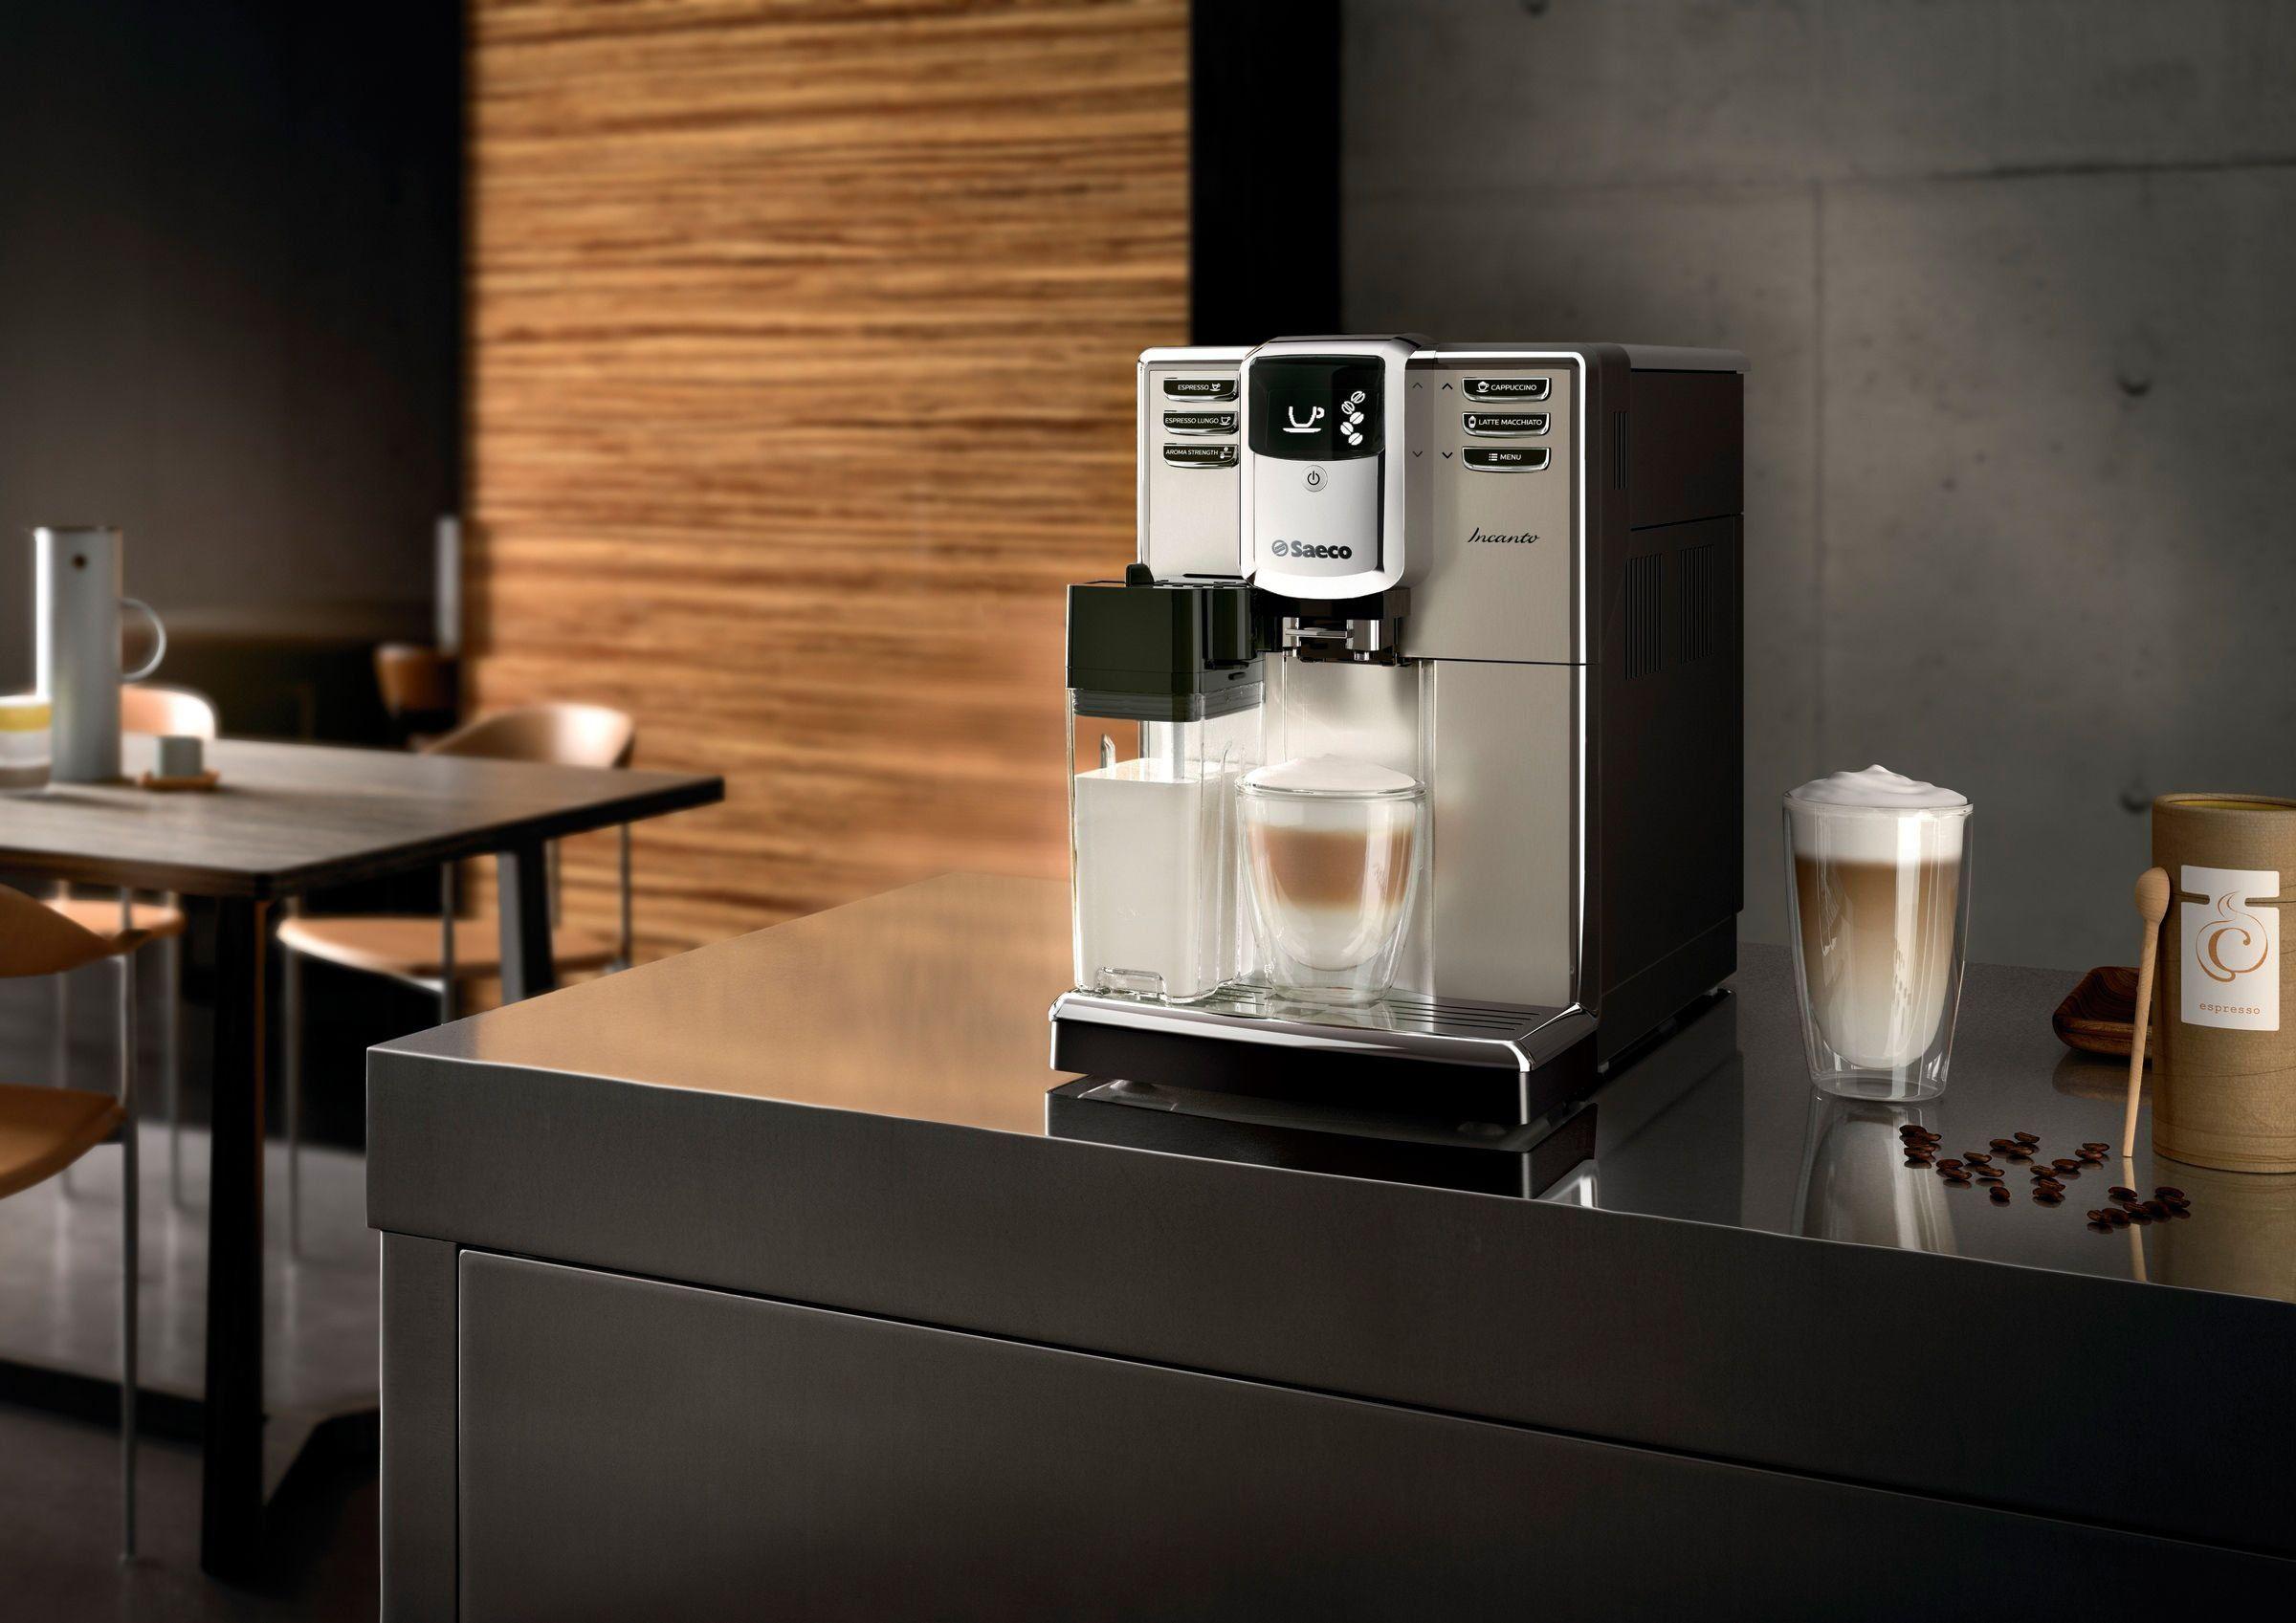 Лучшие кофемашины Saeco для дома и офиса в 2020 году